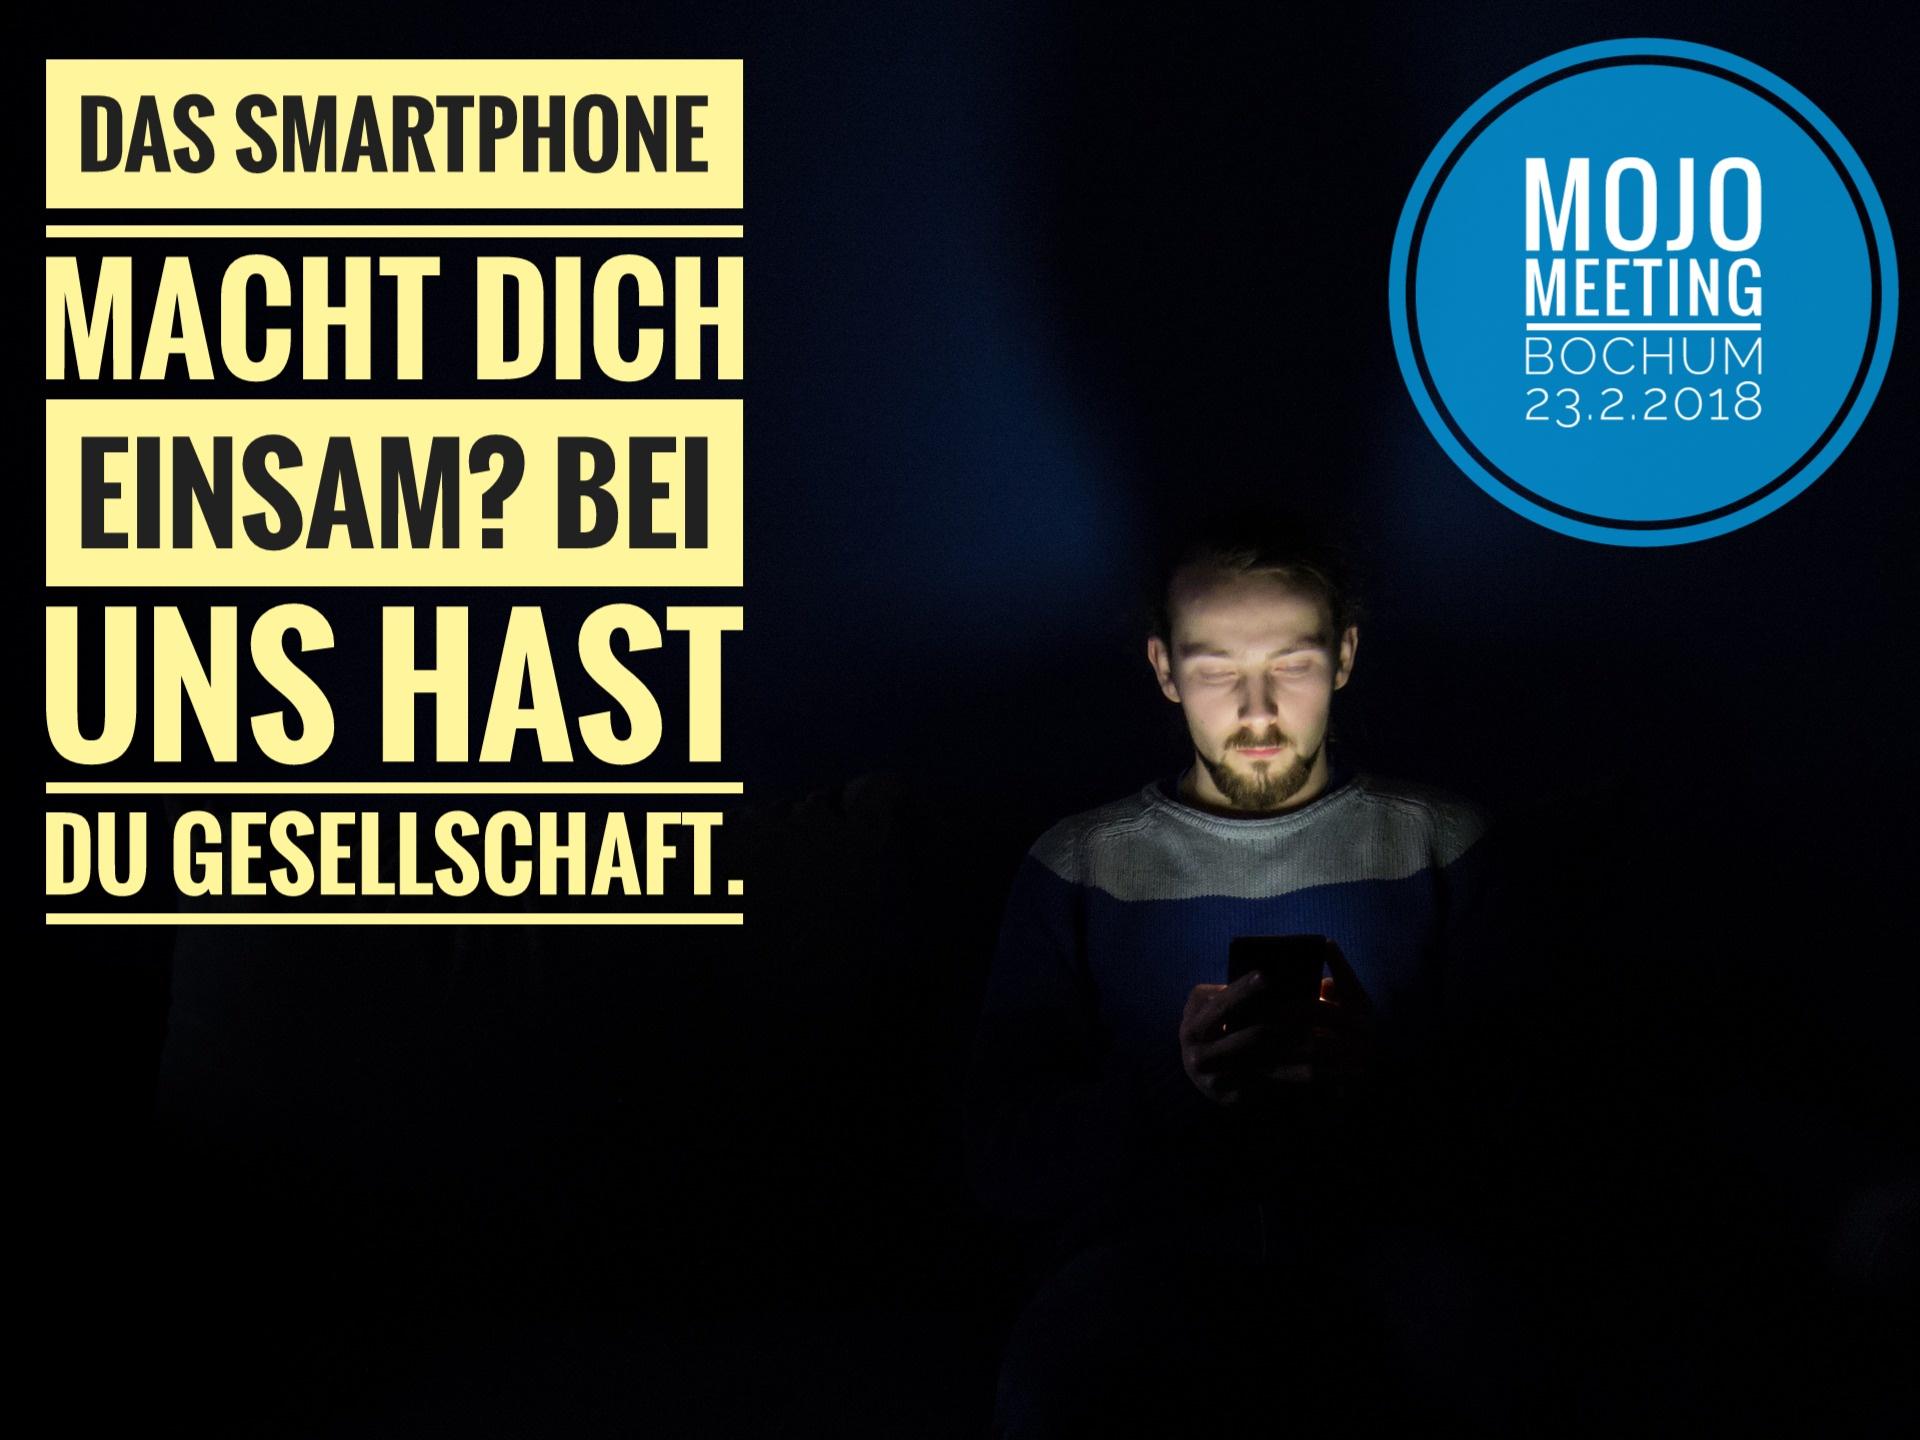 Kai Rüsberg und Bernhard Lill organisieren das Barcamp #MojoMeeting in Bochum.